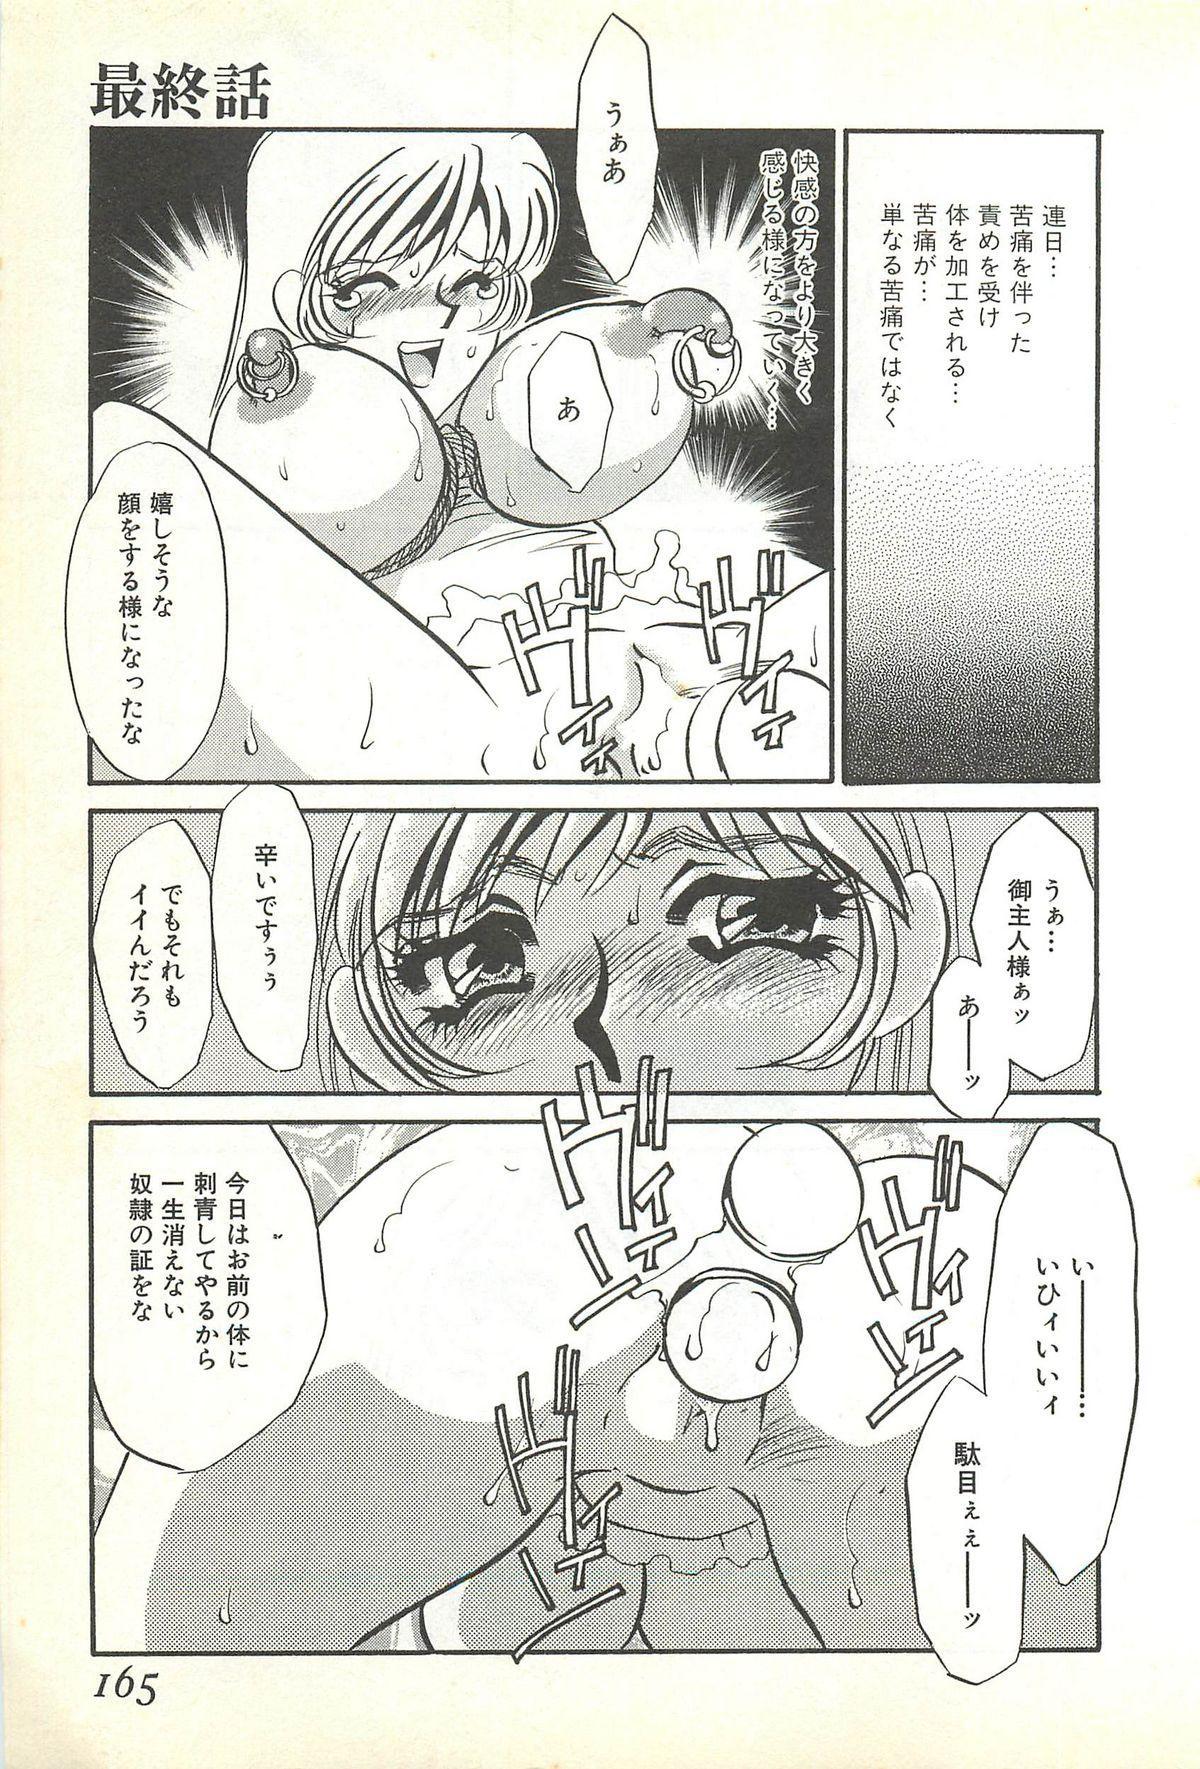 Chigyaku no Heya - A Shameful Punishment Room 160